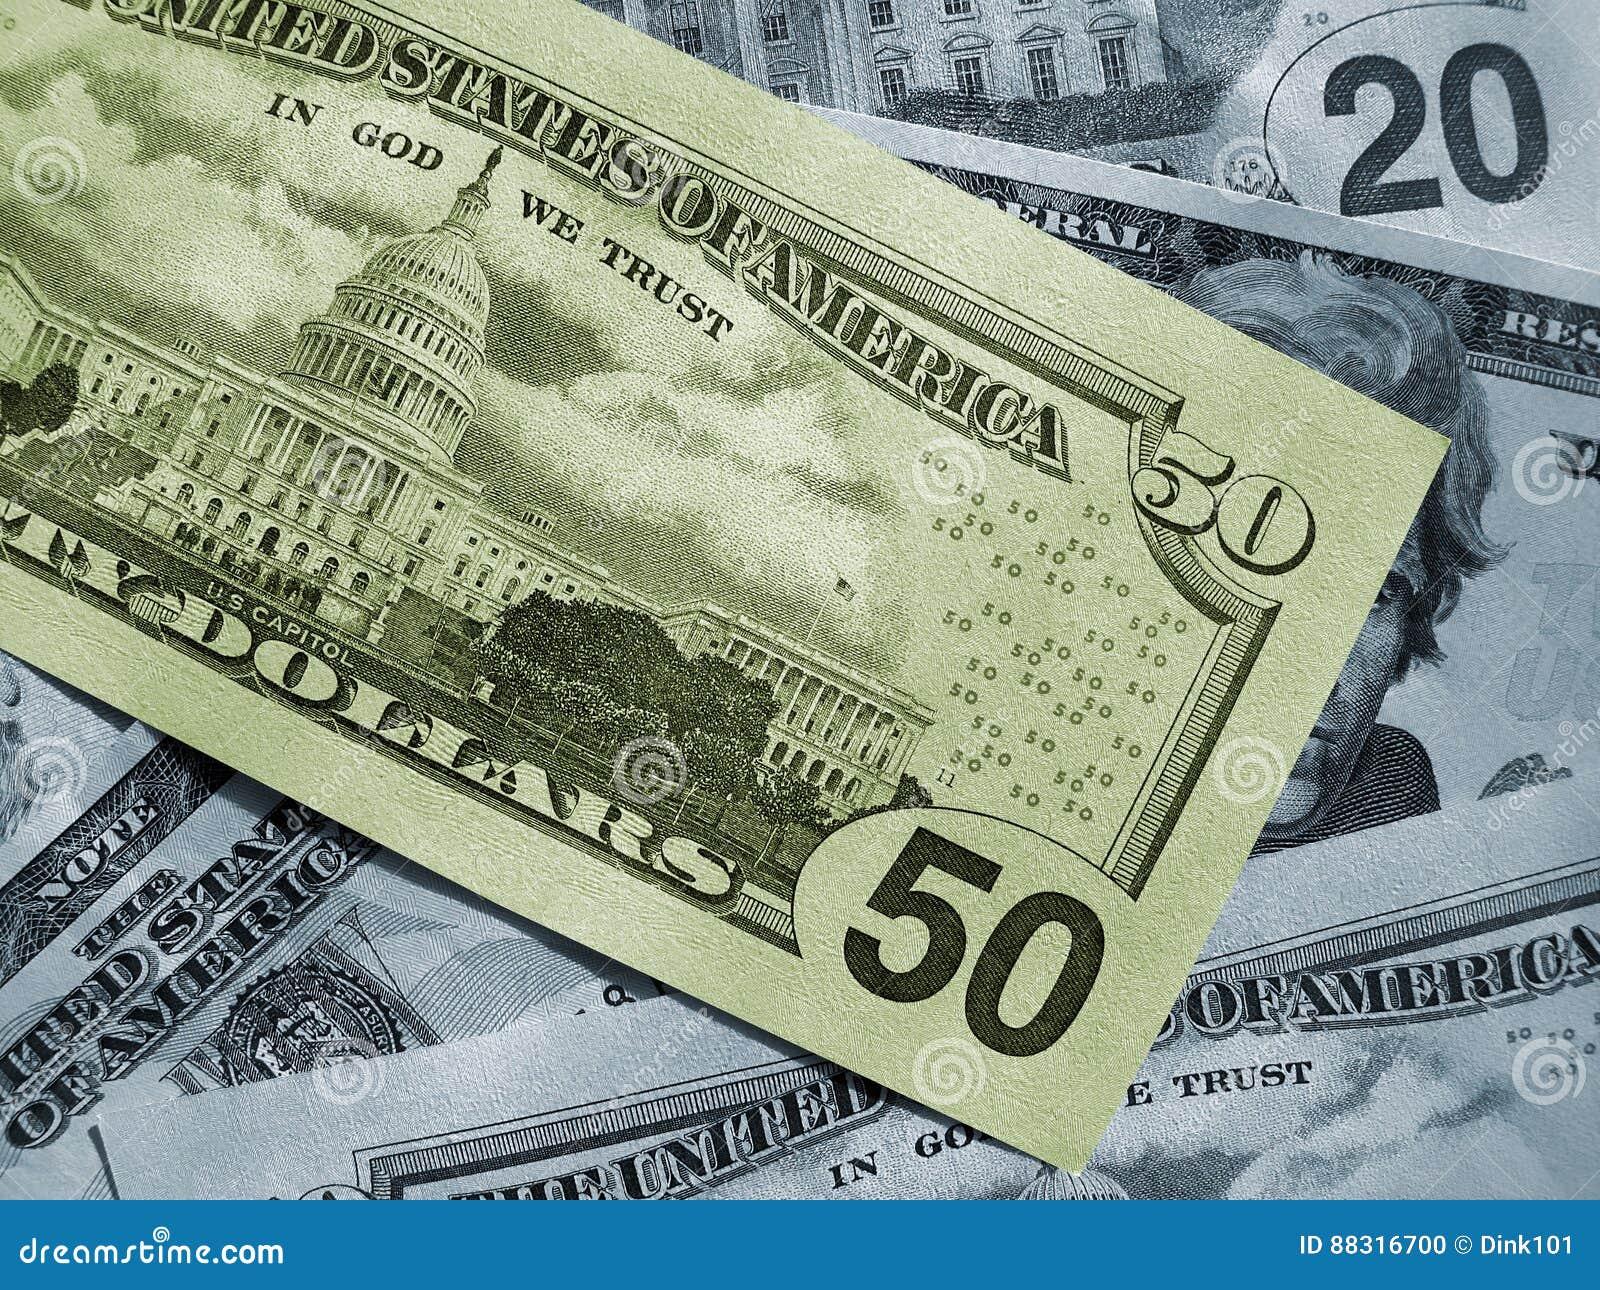 money background stock photo image of background green 88316700